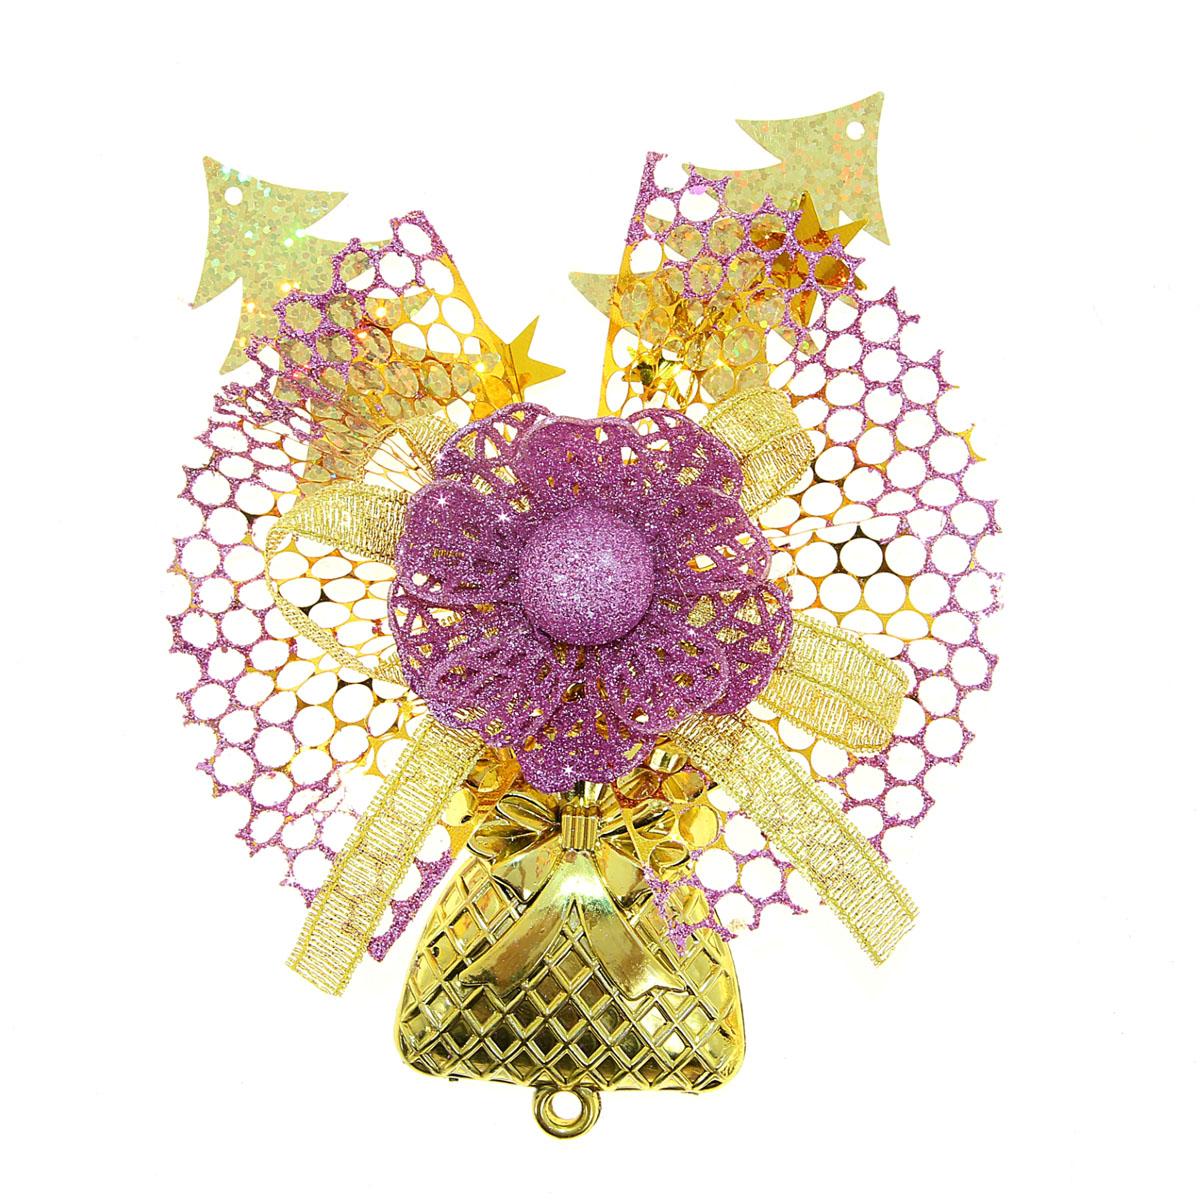 Набор новогодних подвесных украшений Sima-land Сумочки, цвет: фиолетовый, золотистый, 2 штNLED-454-9W-BKНабор новогодних подвесных украшений Sima-land Сумочки отлично подойдет для декорации вашего дома и новогодней ели. Набор состоит из двух украшений, выполненных в виде декоративных подвесок из текстильного банта, пластикового цветка и подвески в форме сумочки. Композиция имеет металлические крепления для подвешивания.Елочная игрушка - символ Нового года. Она несет в себе волшебство и красоту праздника. Создайте в своем доме атмосферу веселья и радости, украшая всей семьей новогоднюю елку нарядными игрушками, которые будут из года в год накапливать теплоту воспоминаний. Размер украшения: 11 см х 15 см х 3 см.